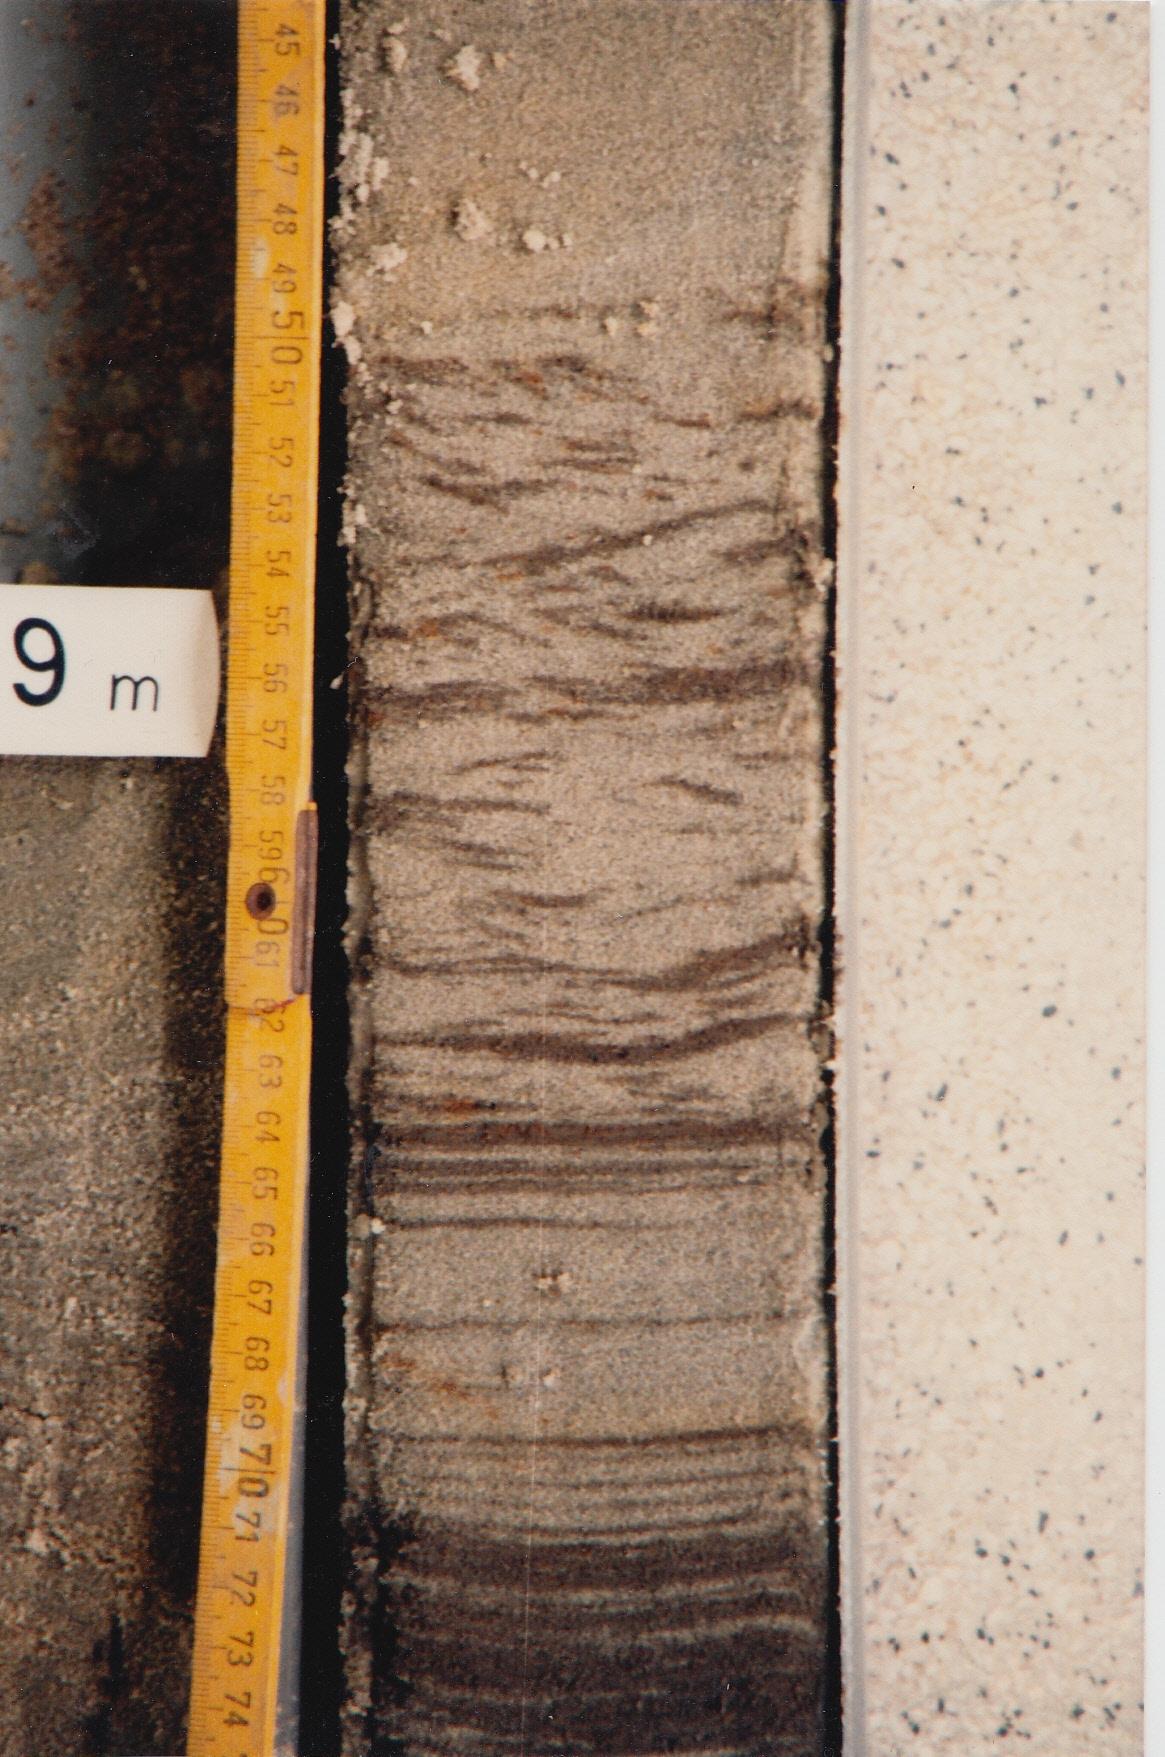 058E0404 Schonenberg 9.jpg